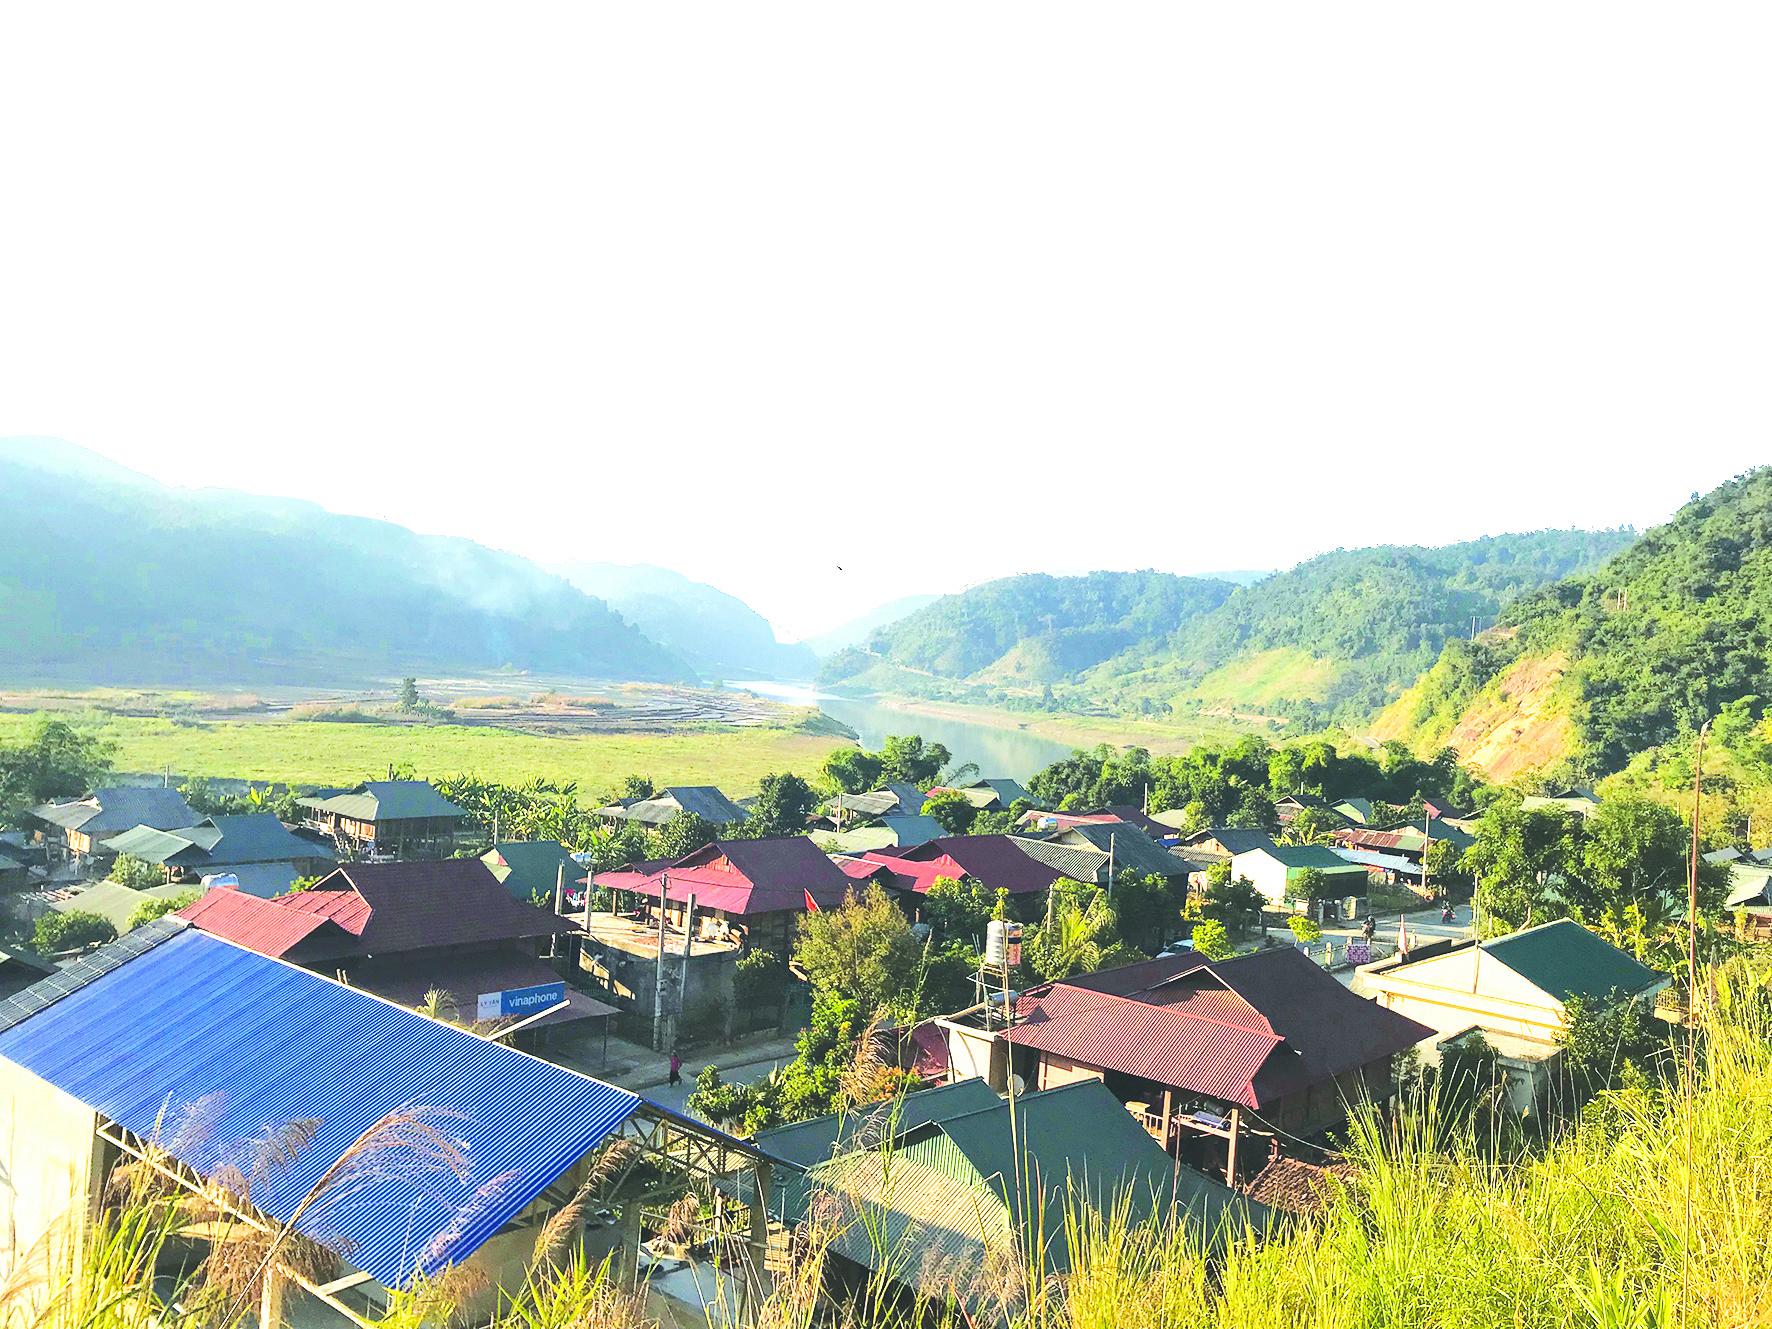 Diện mạo mới khu tái định cư bản Mường Tè, xã Mường Tè, huyện Mường Tè (Lai Châu).